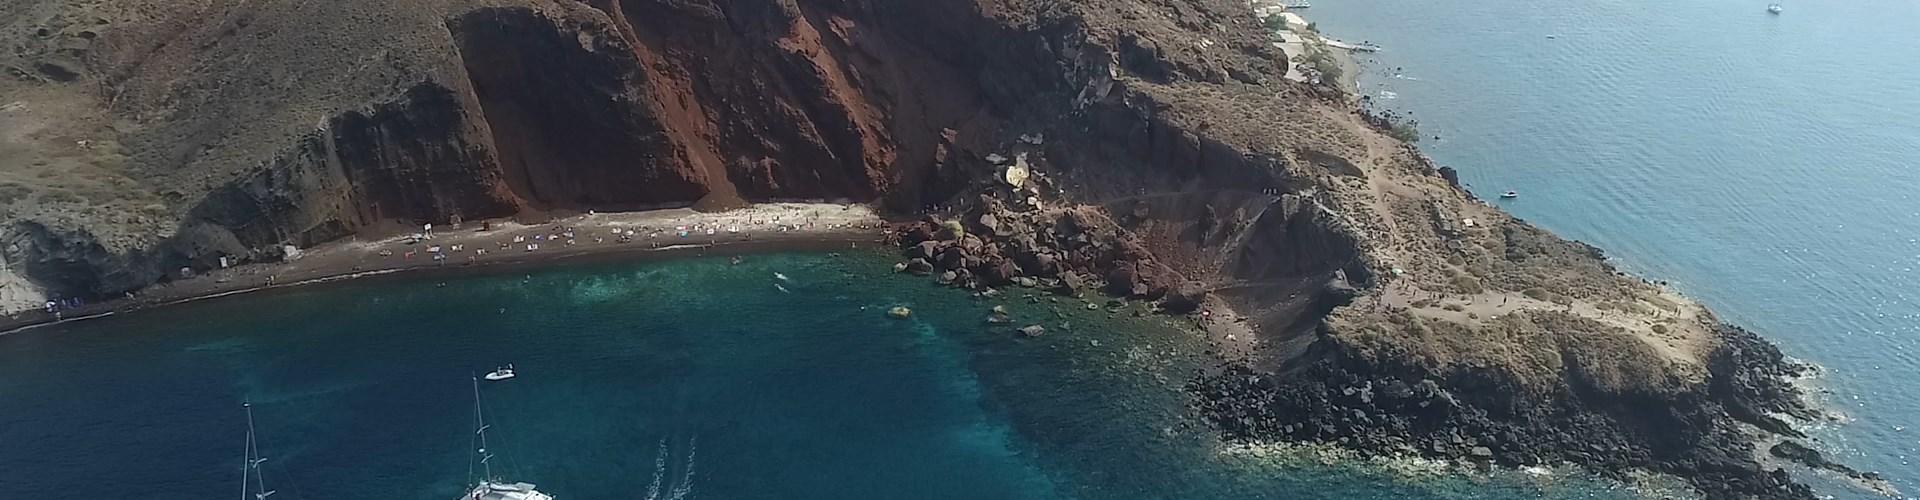 Red beach - Beaches - Santorini